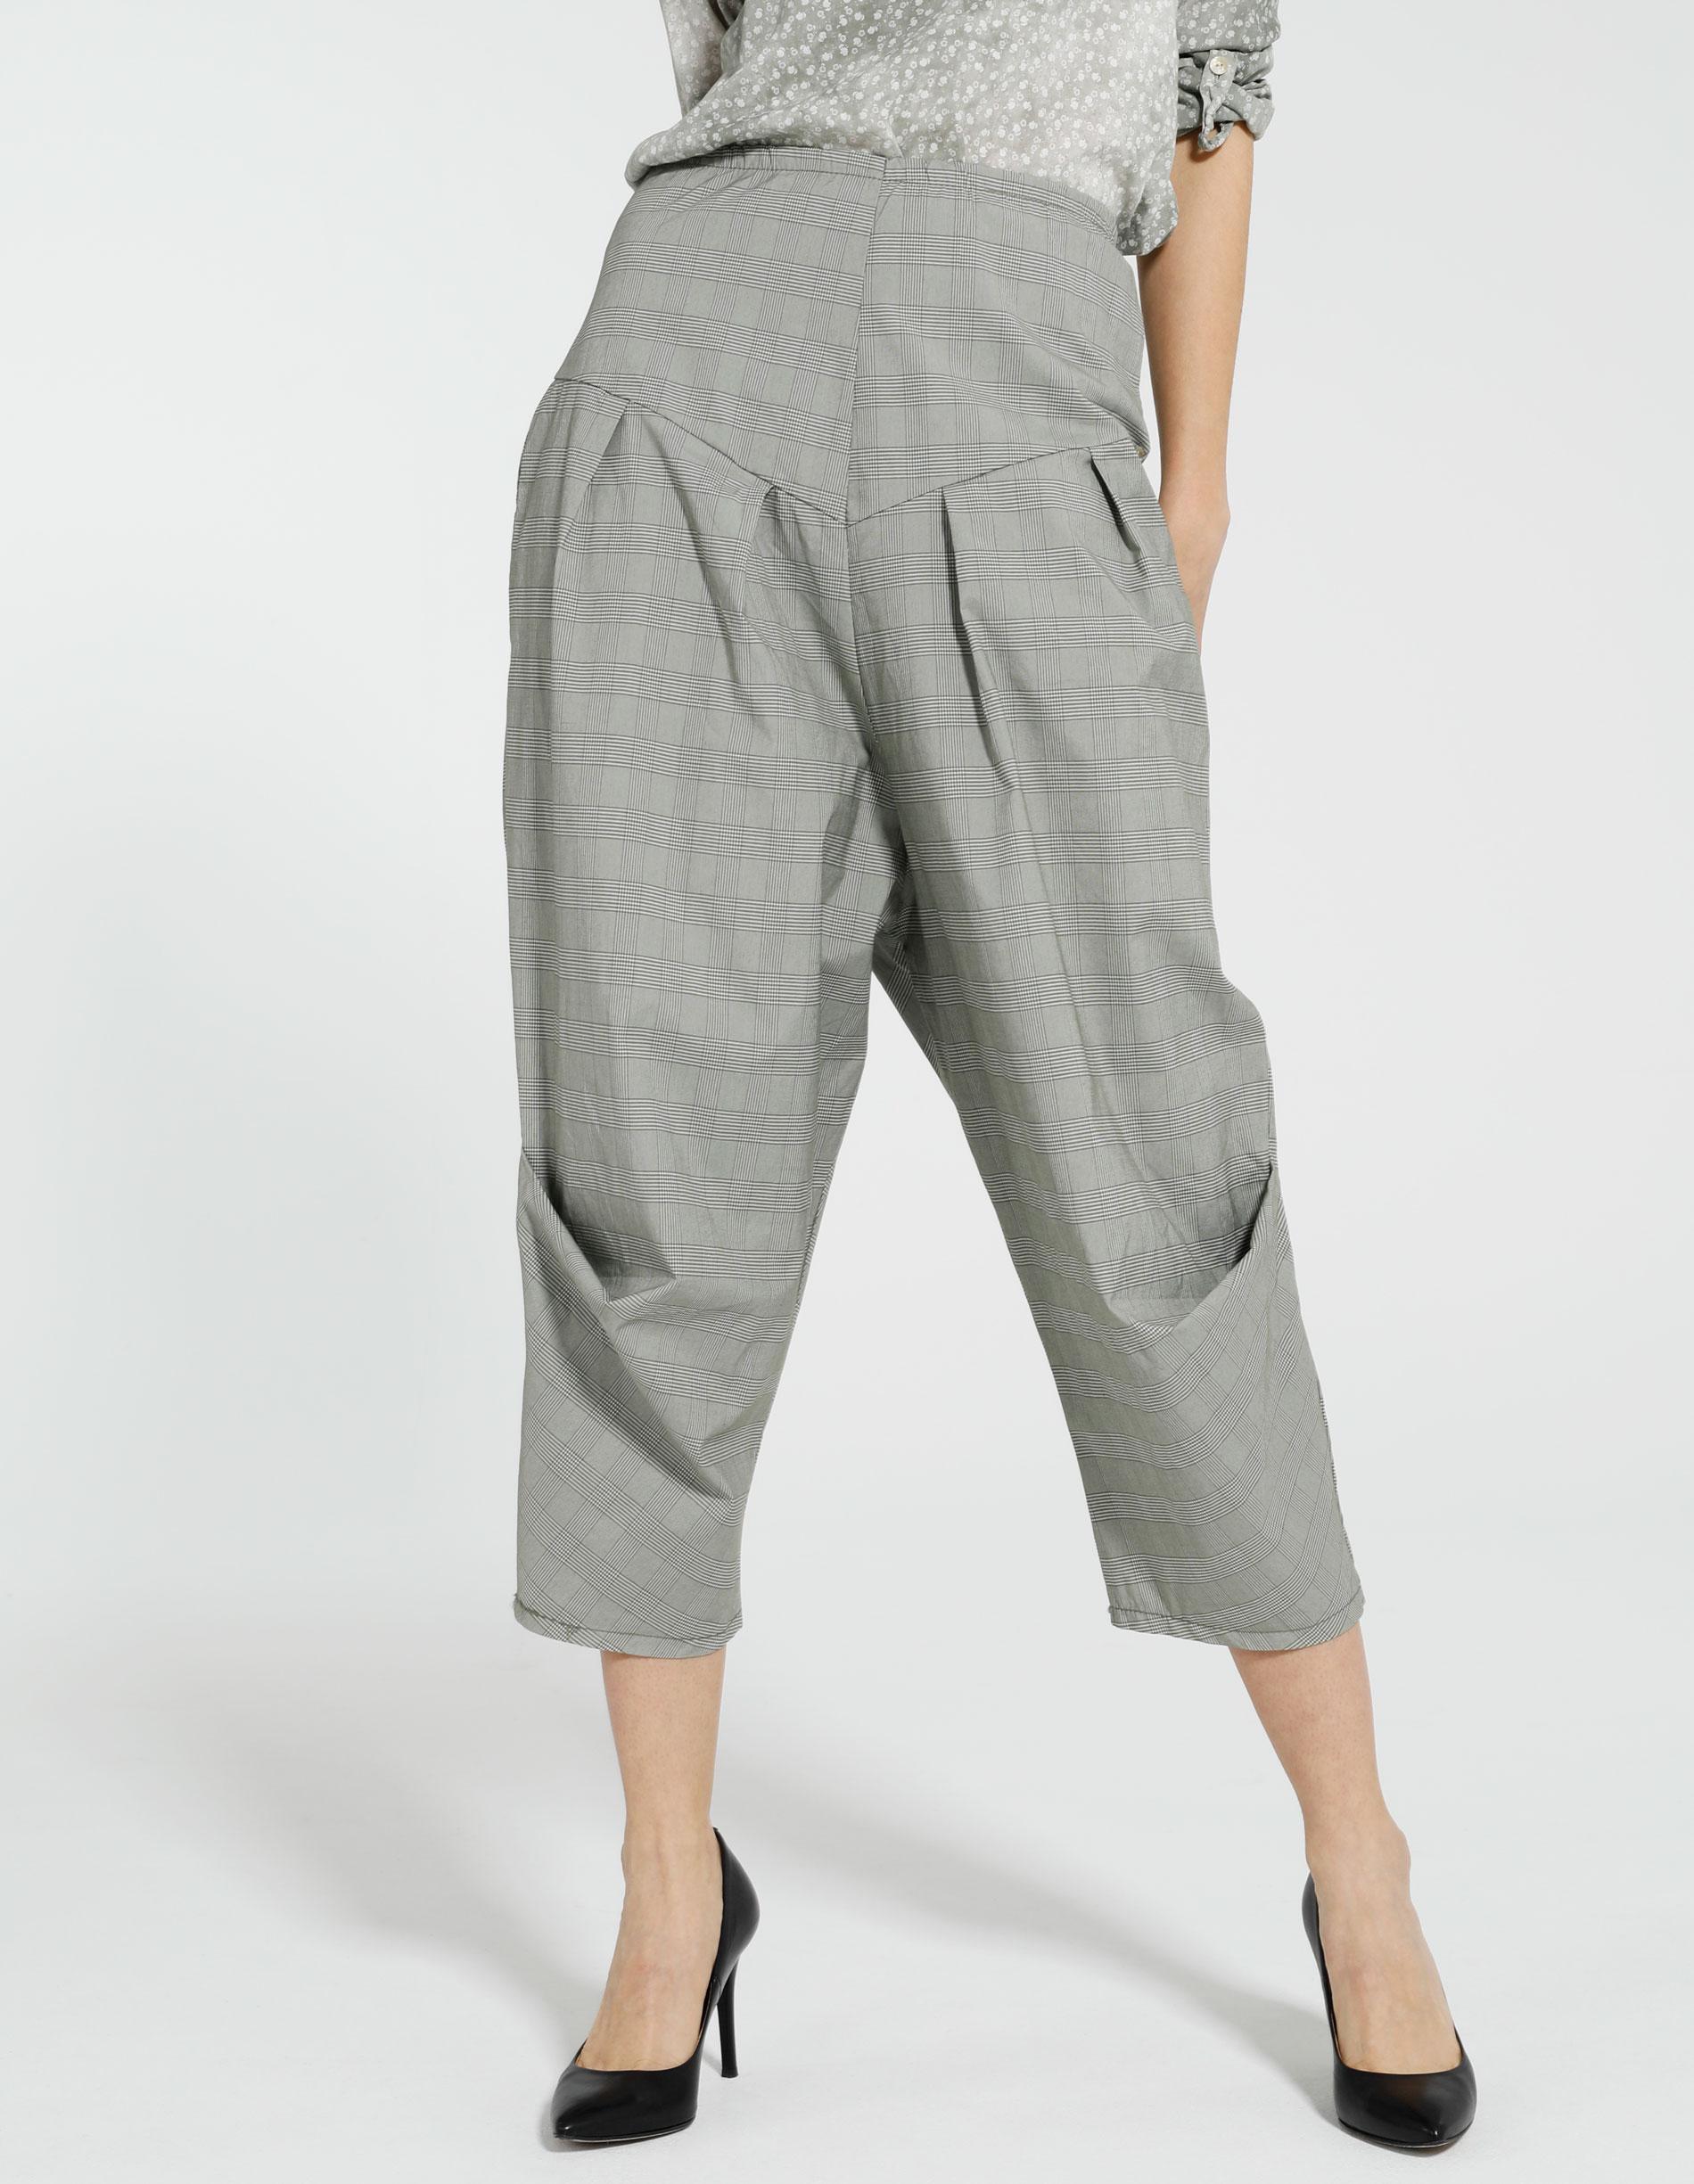 Spodnie - 34-4556 MILIT - Unisono